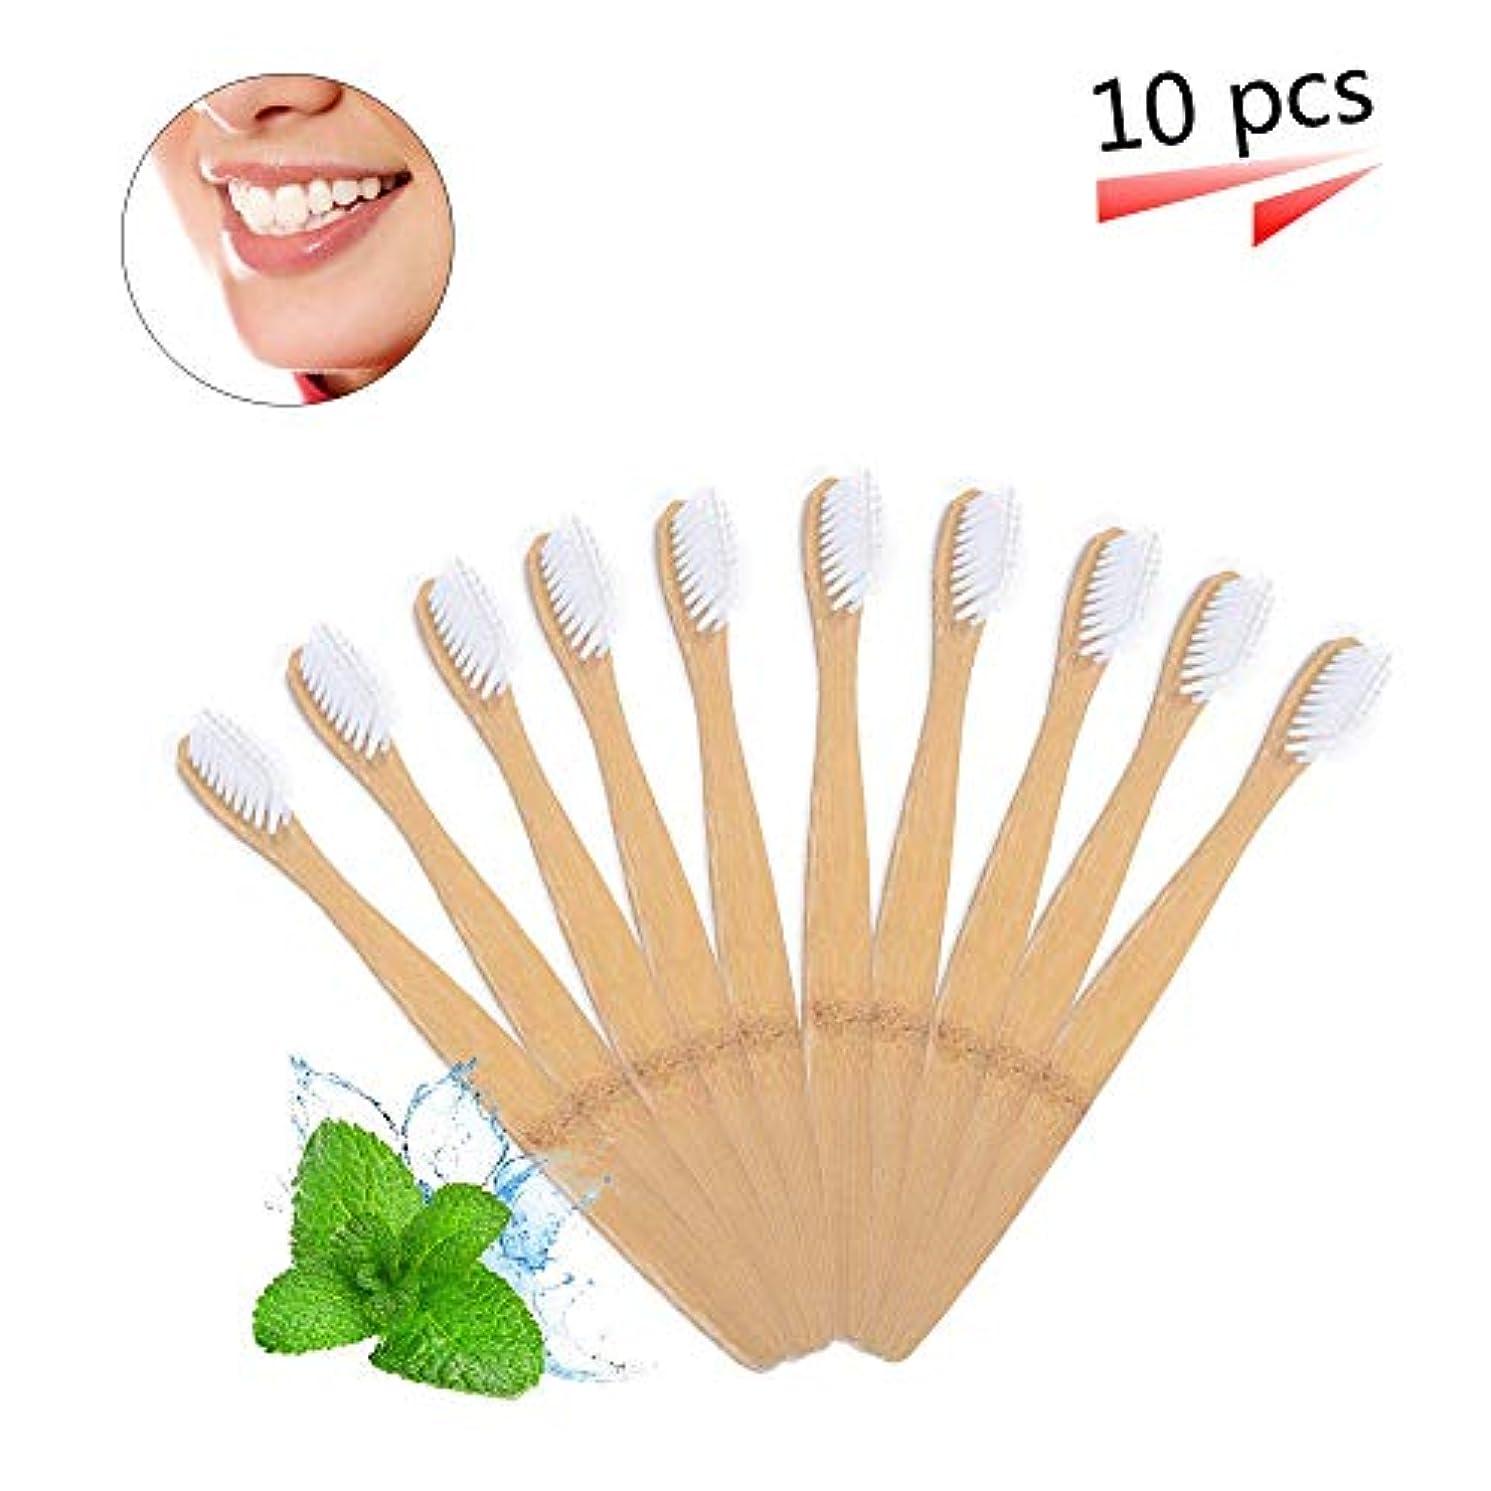 見つけるスキー負荷竹の歯ブラシ 分解性 環境保護の歯ブラシ 天然の柔らかいブラシ ホワイト 10本